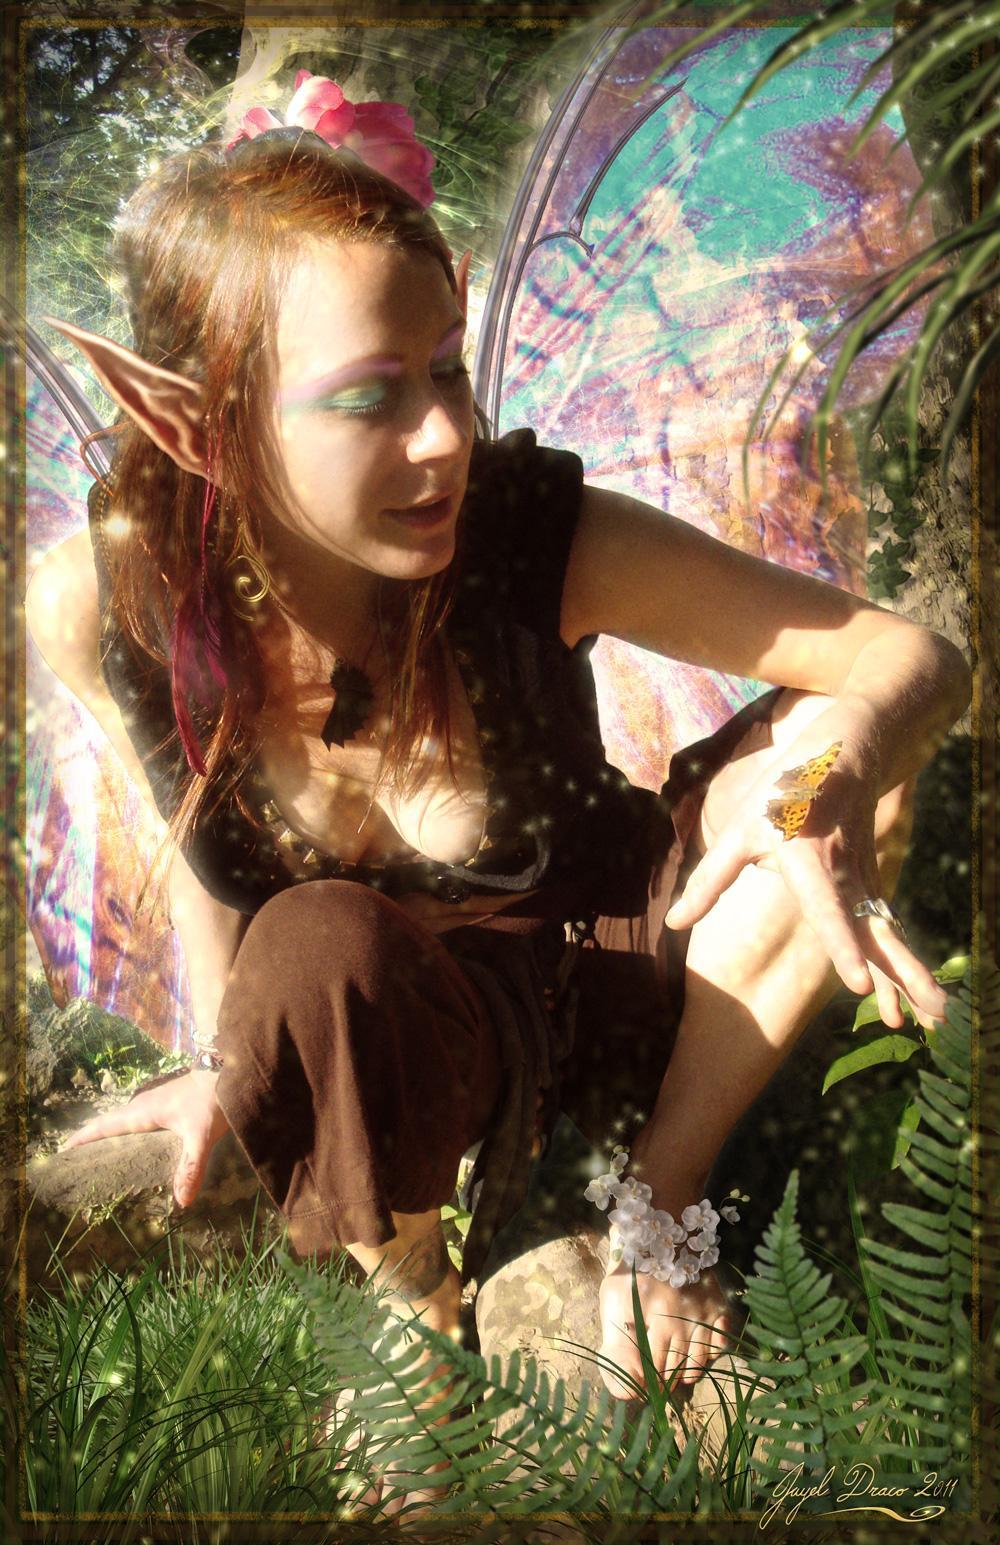 TELAH FAE - Photography, and photomanipulation by Jayel Draco